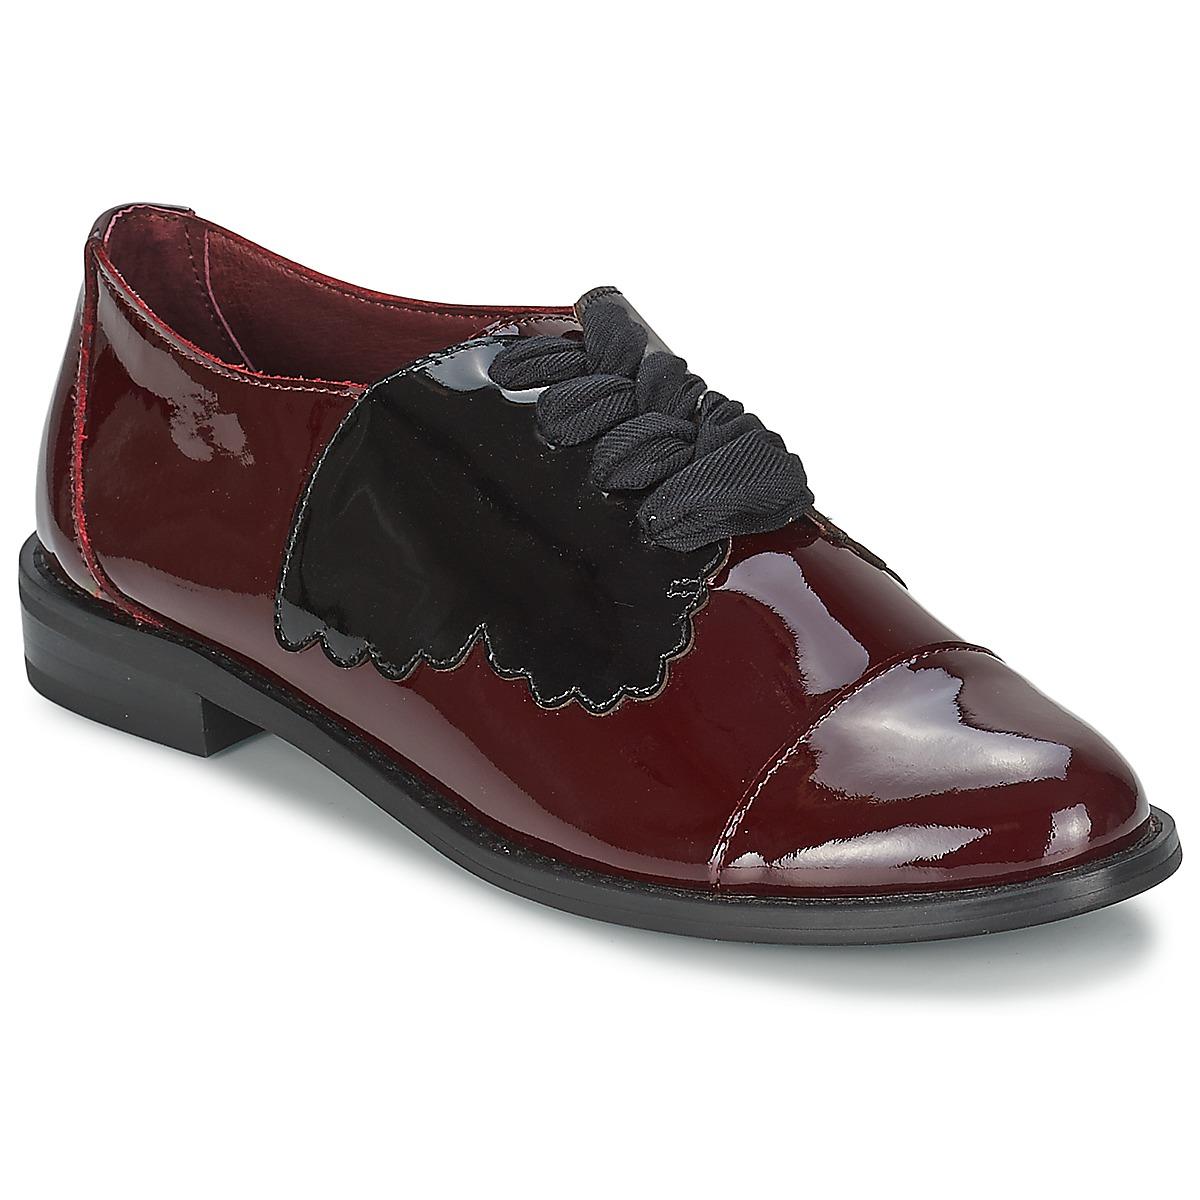 F-Troupe Butterfly Shoe Burgunderrot - Kostenloser Versand bei Spartoode ! - Schuhe Derby-Schuhe Damen 159,00 €